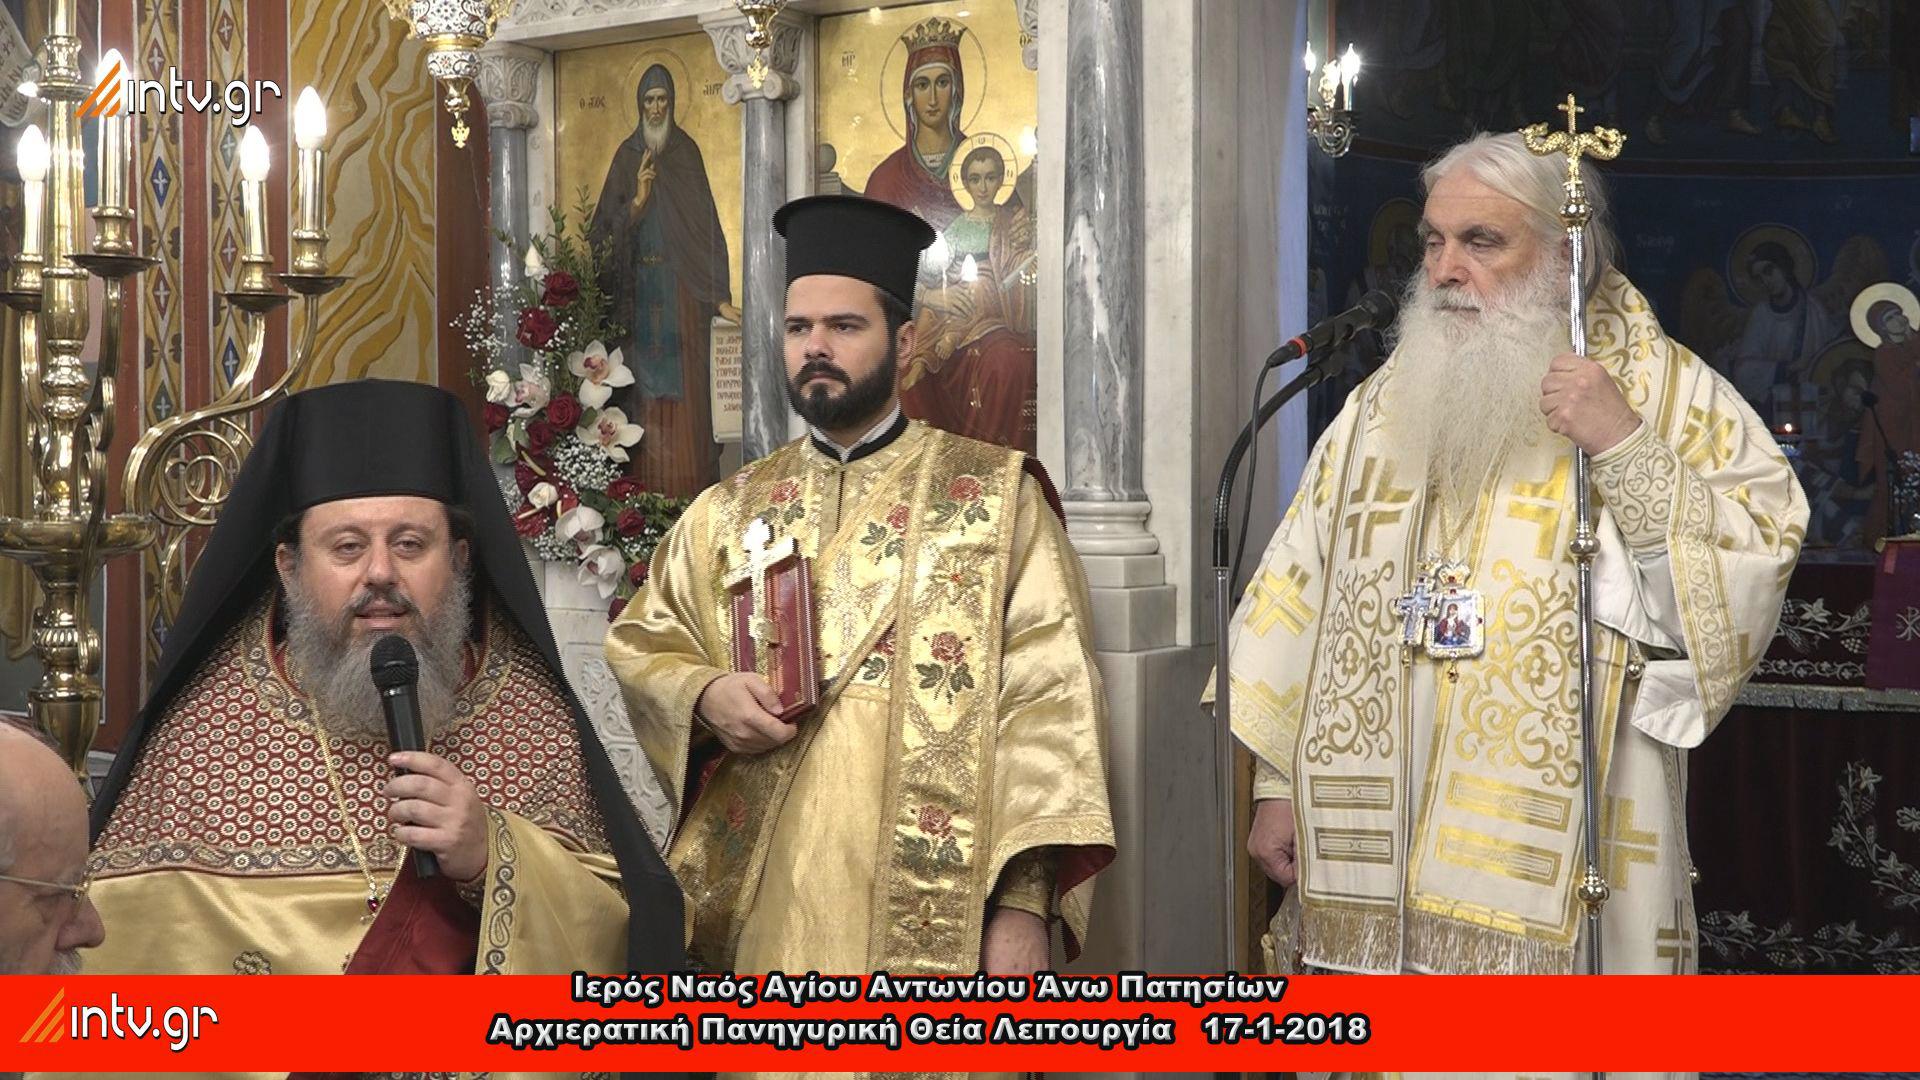 Ιερός Ναός Αγίου Αντωνίου Άνω Πατησίων - Αρχιερατική Πανηγυρική Θεία Λειτουργία 2018